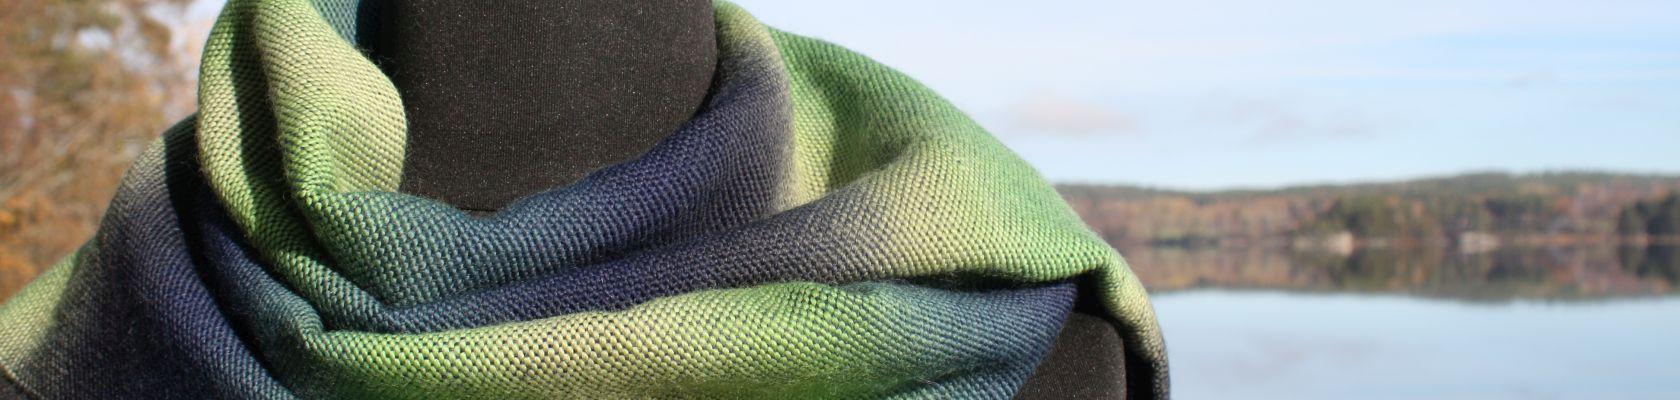 Norrsken-sjal-i-blå-grön-Gittas-verkstad